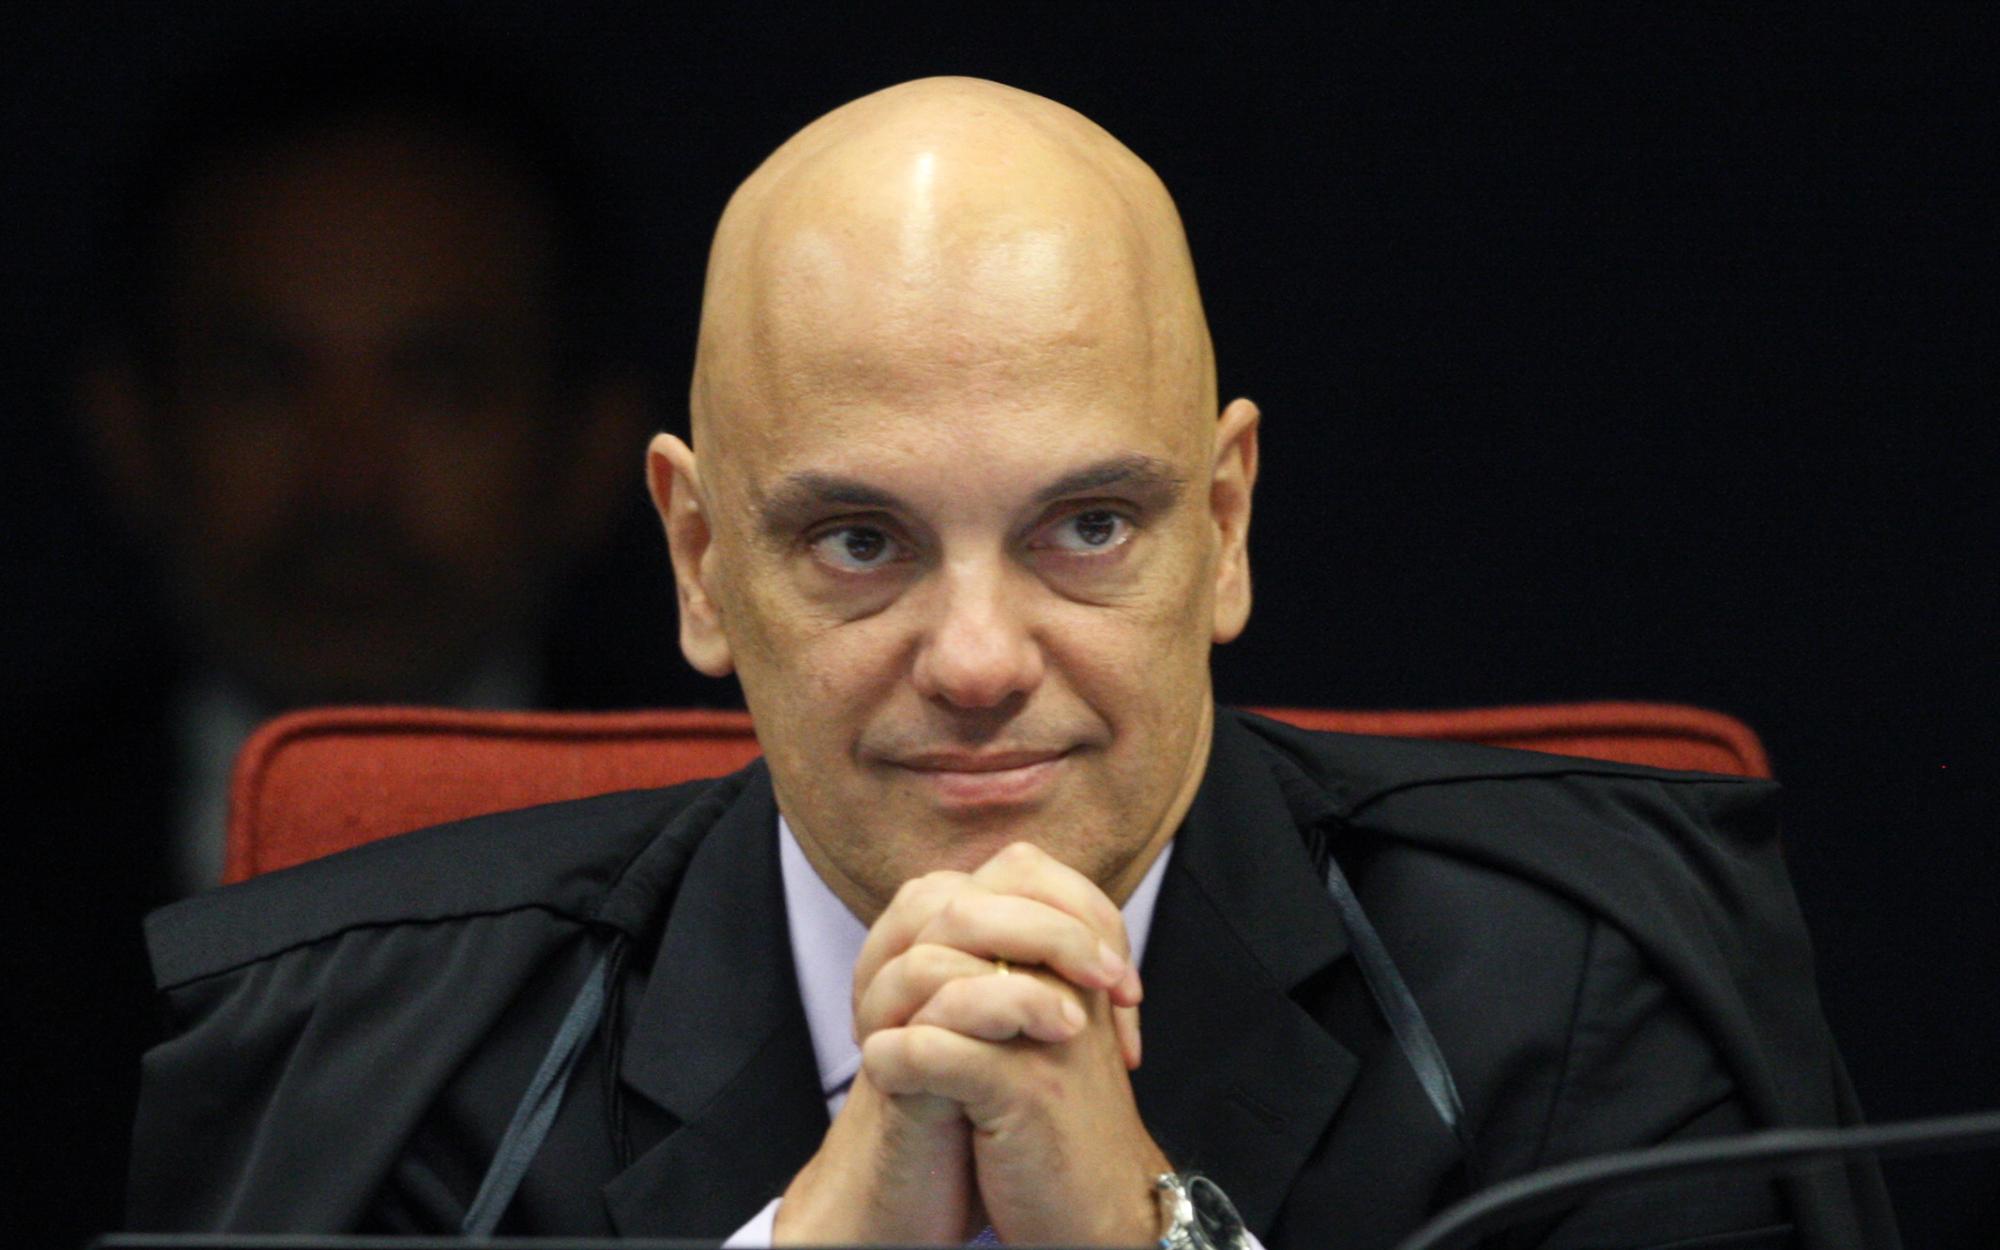 A tirania de Alexandre de Moraes: censura, autoritarismo e desrespeito